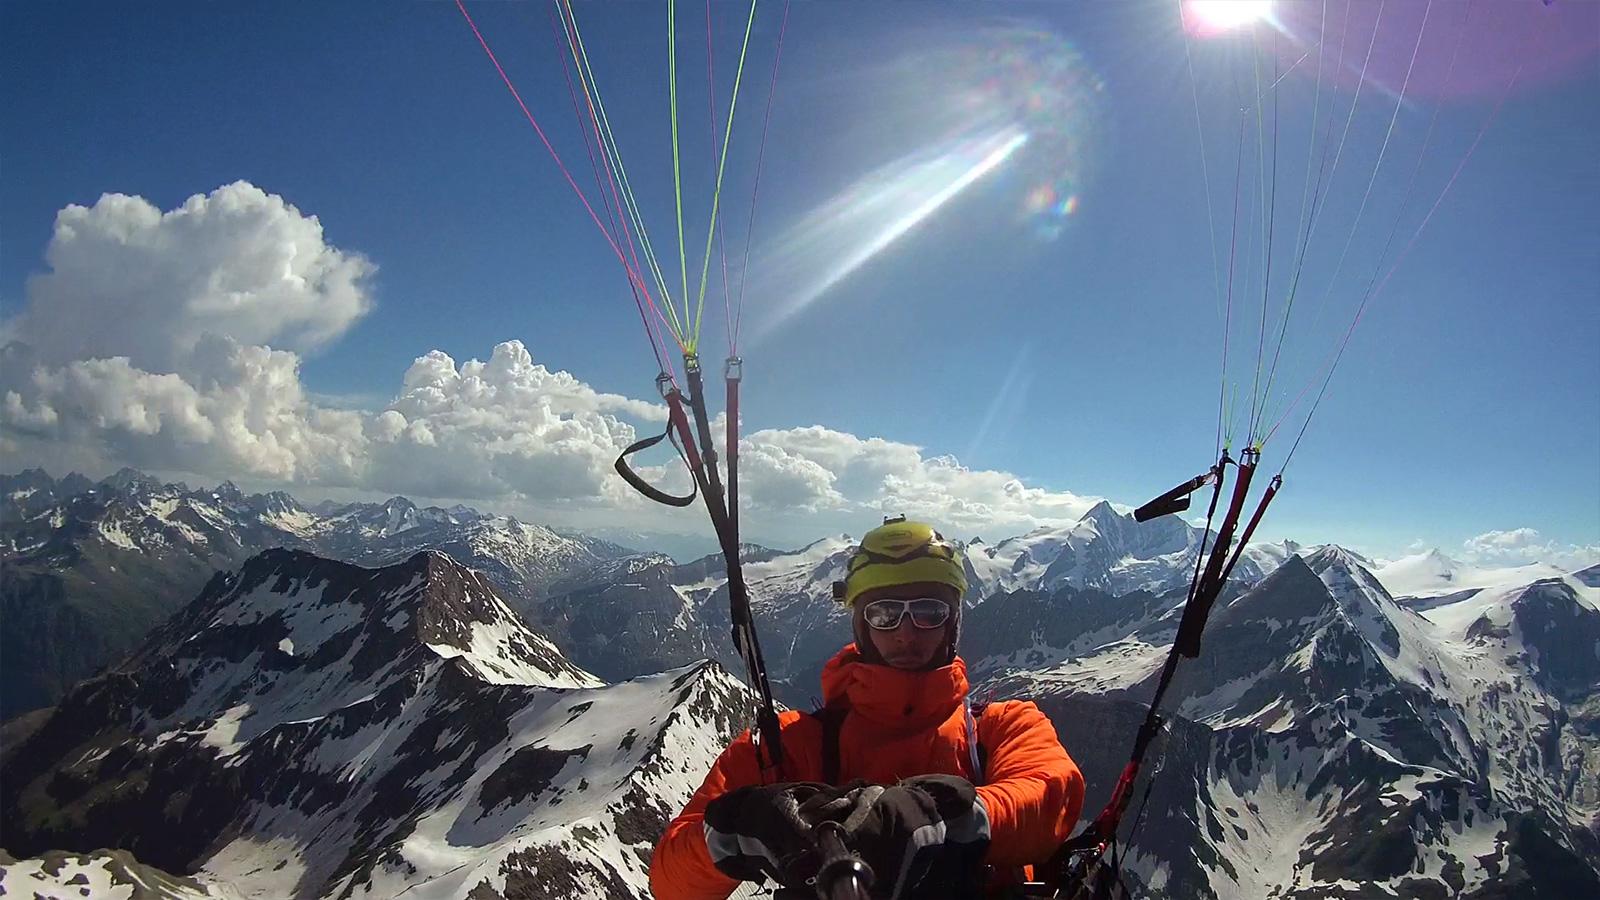 Ich verlasse die grossartige Arena rund um den Grossglockner und überquere, vorbei an Racherin (3.092m) und Spielmann (3.027m), zum zweiten Mal an diesem Tag den Alpenhauptkamm.